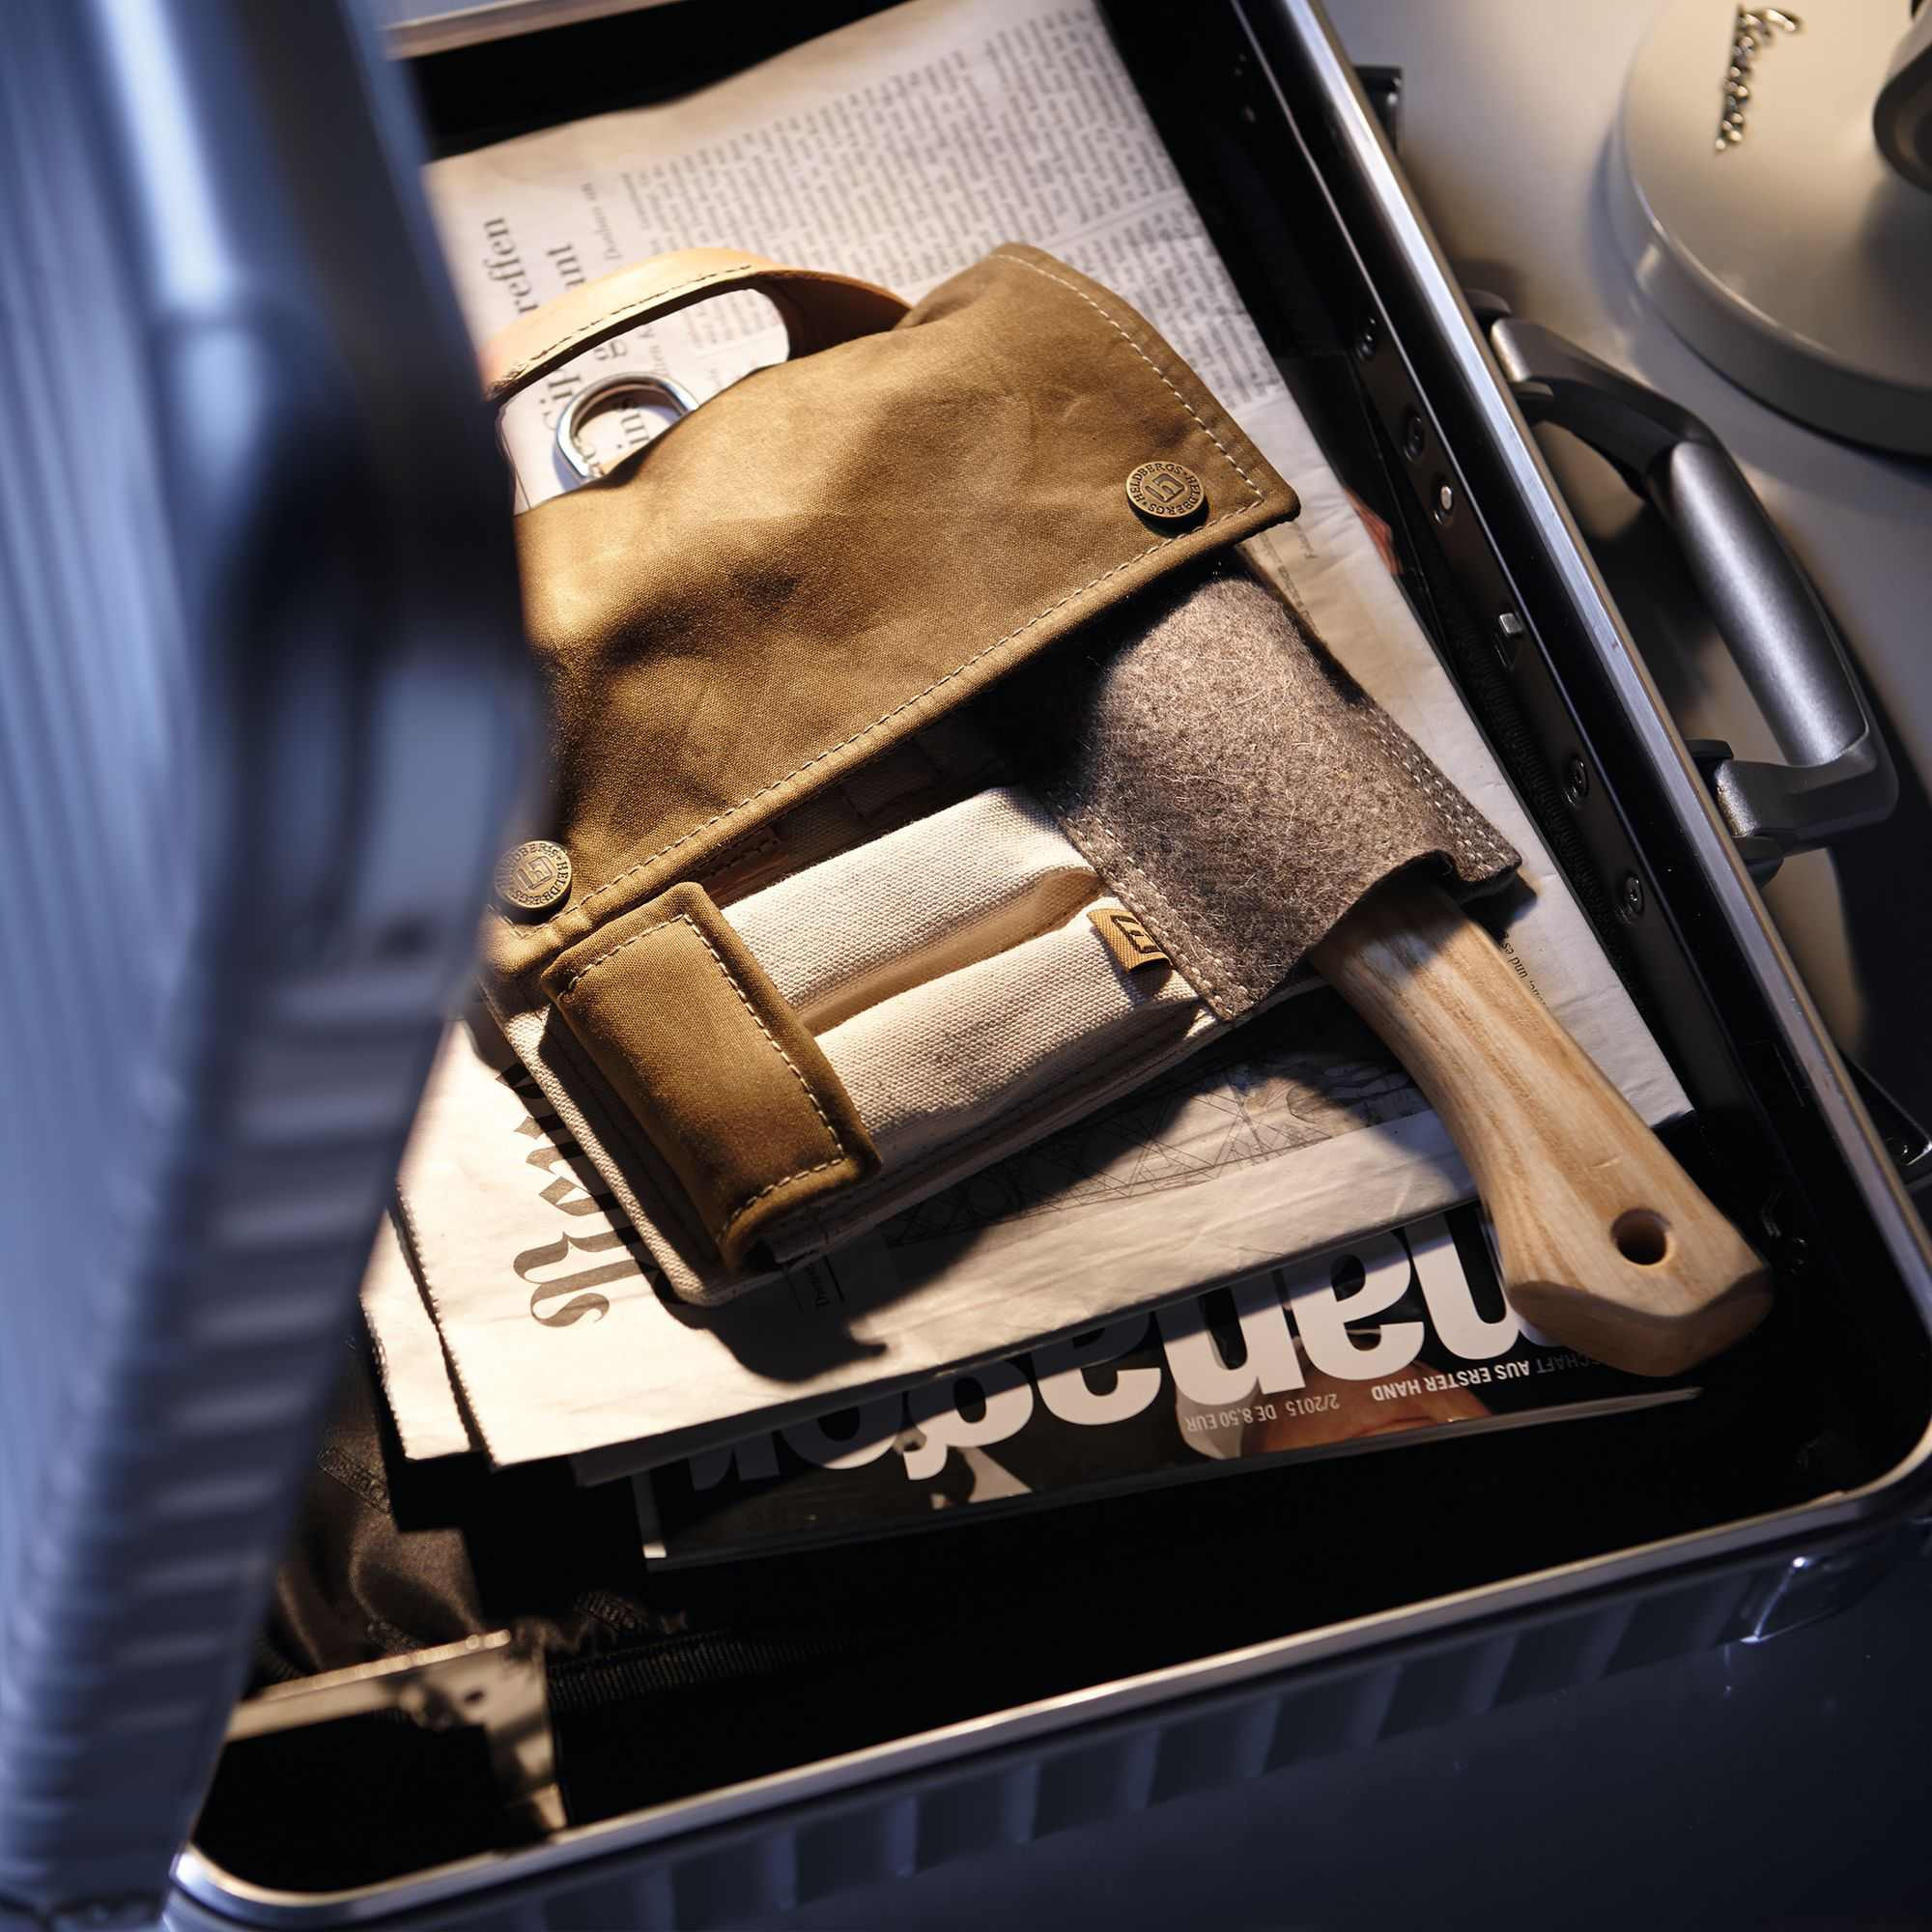 Einzigartiges mit Stil: Axt und Tasche im Set von Heldbergs